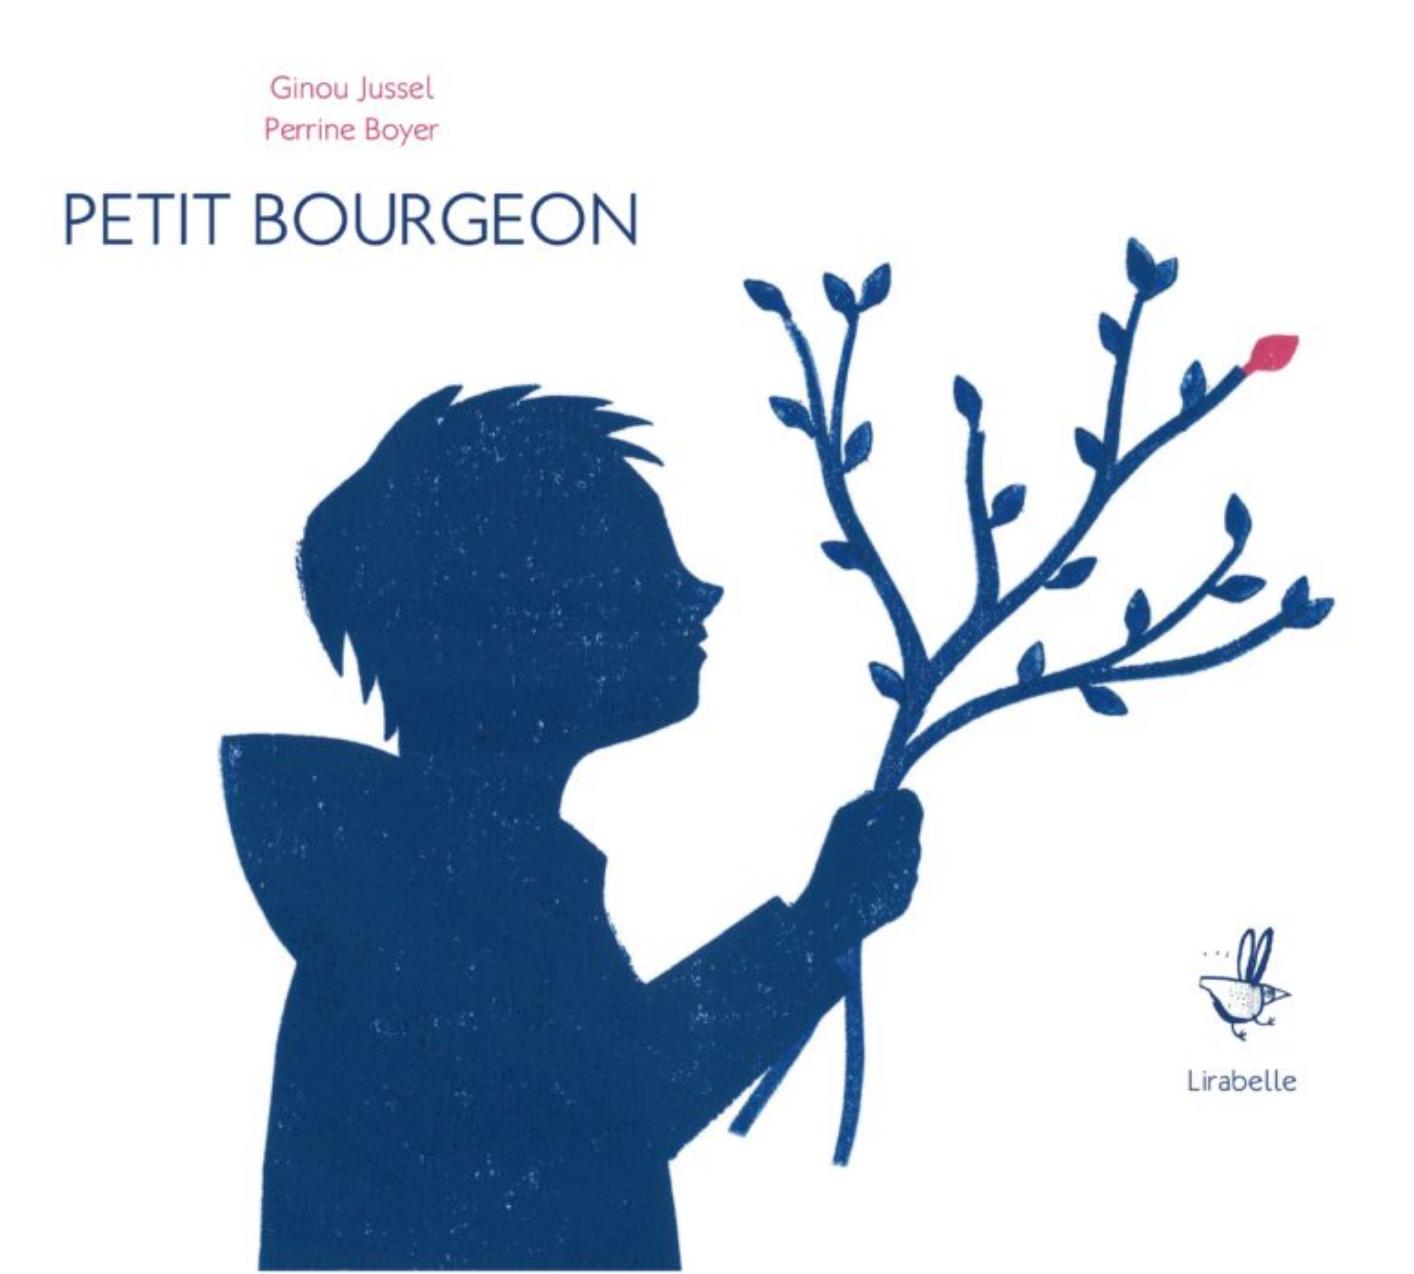 PETIT BOURGEON